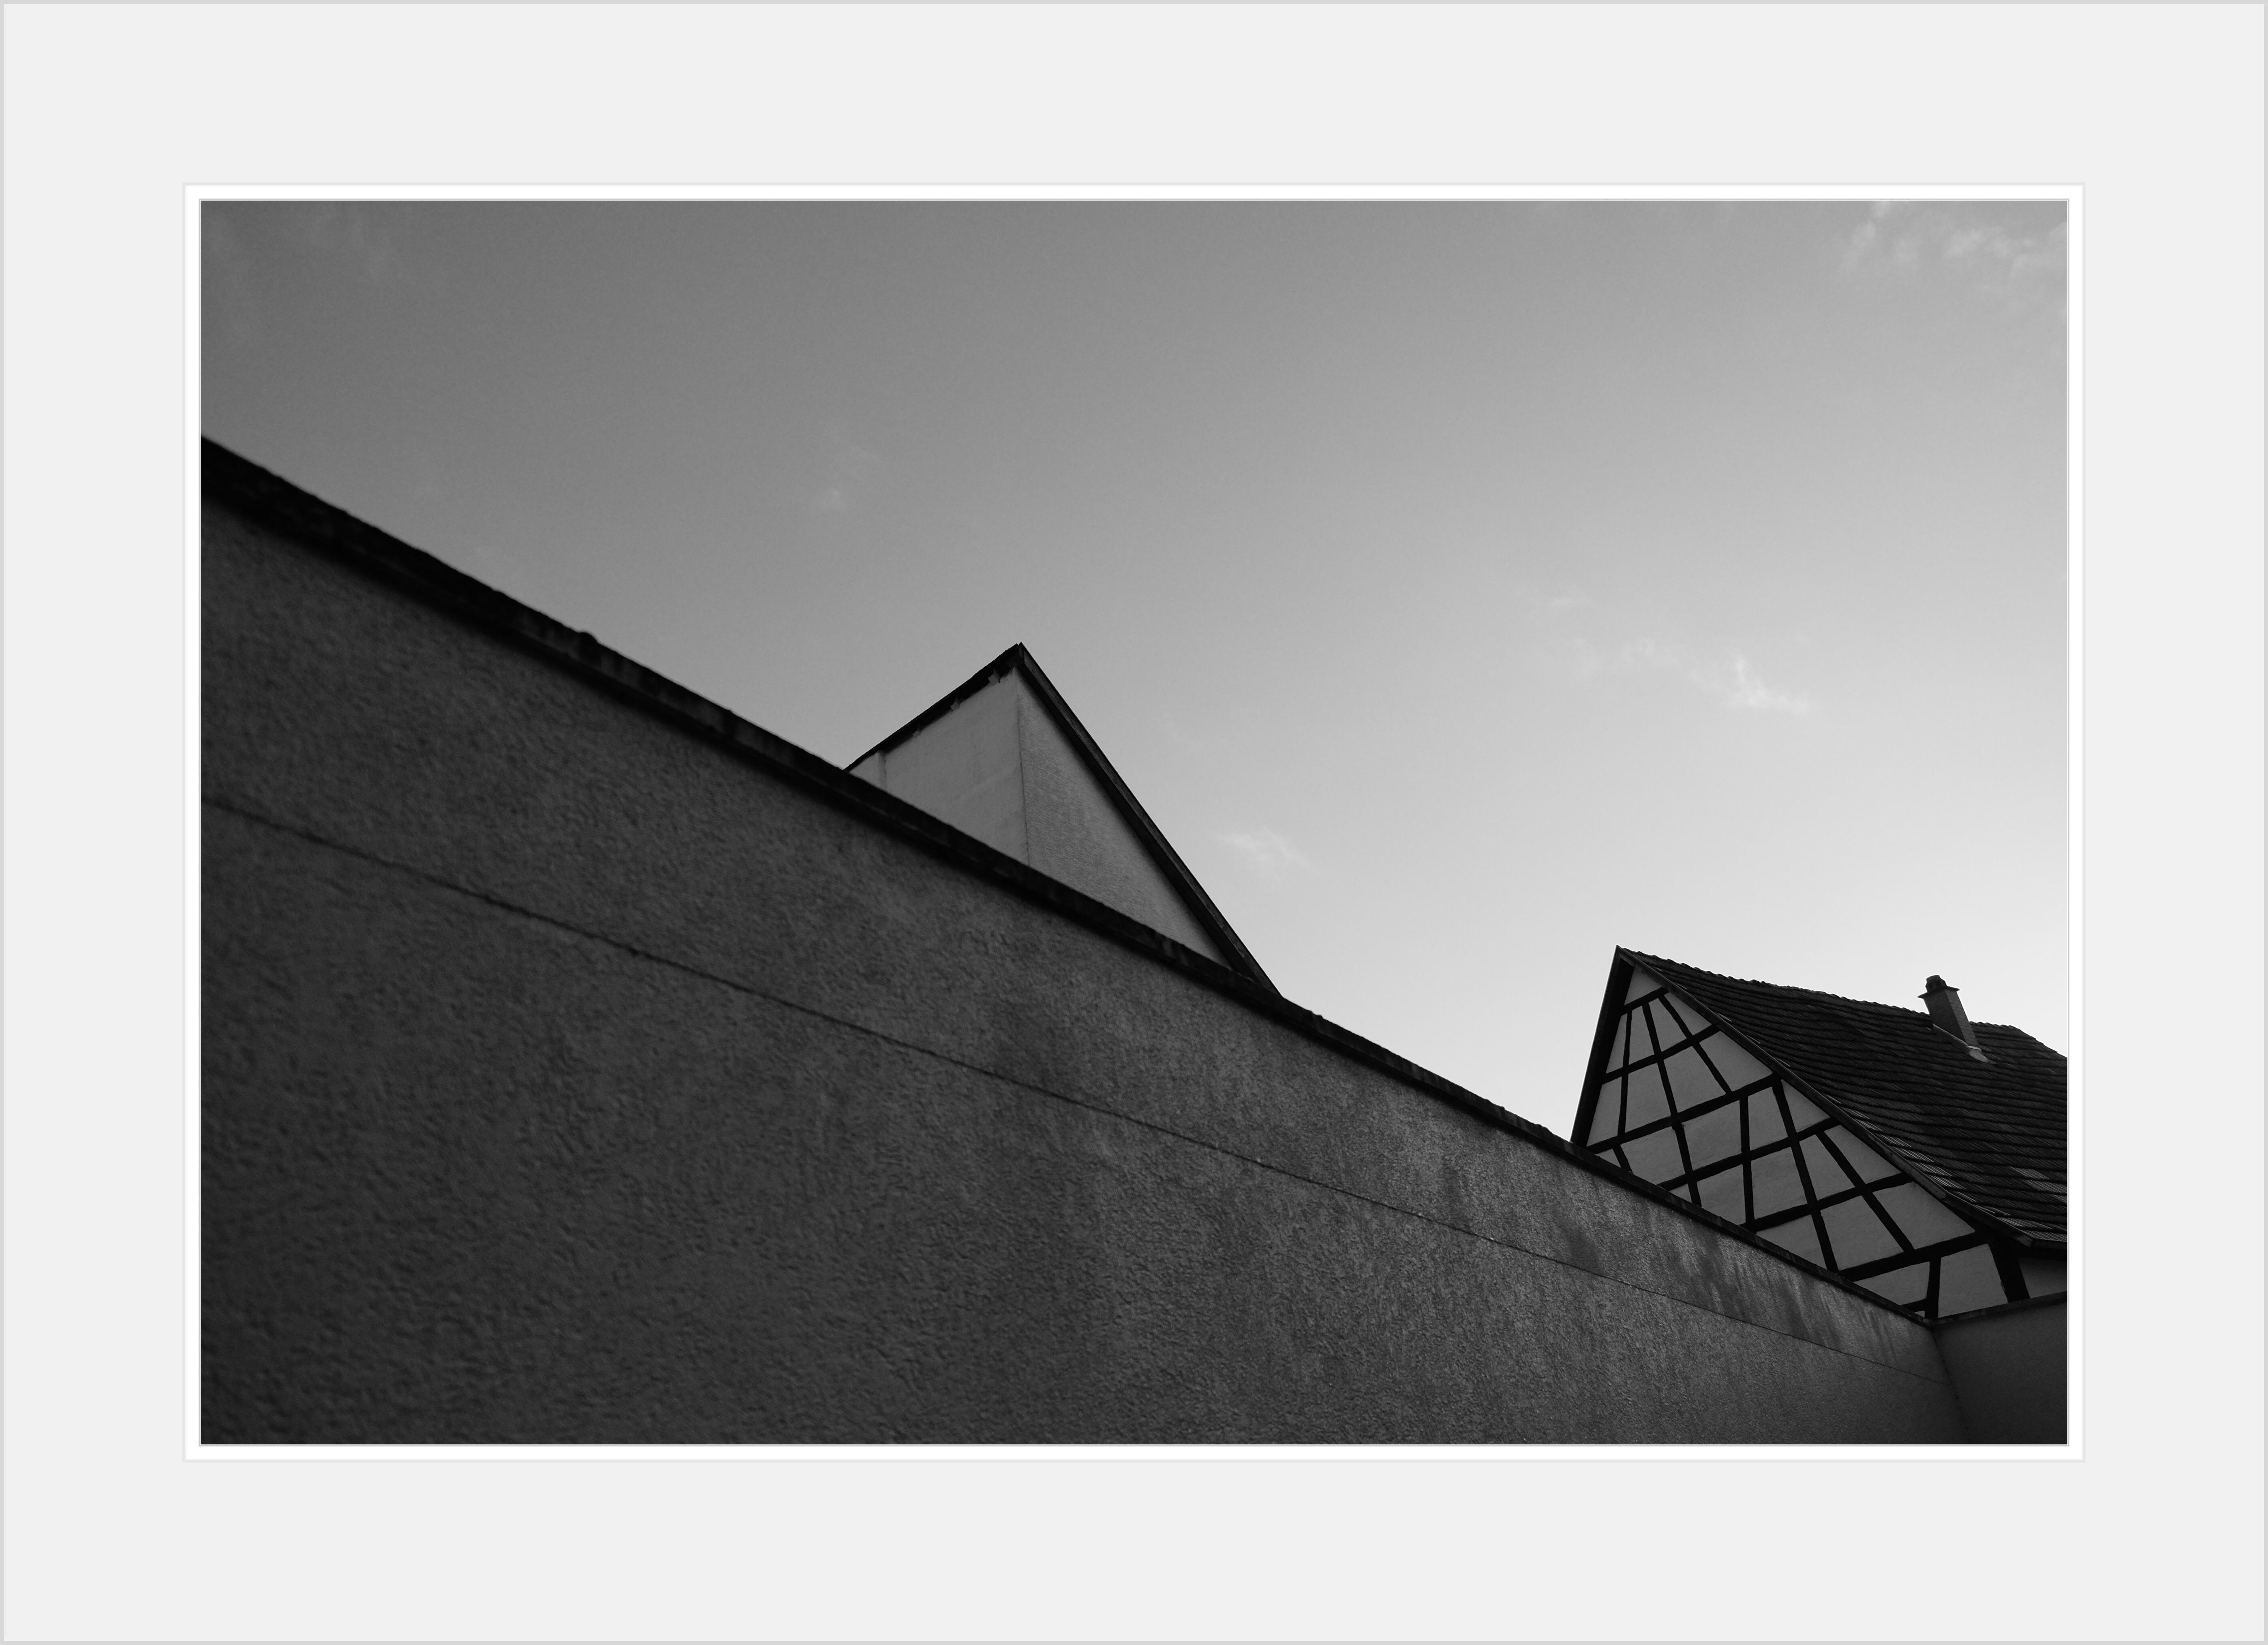 нашем черно белое треугольное фото дома является причиной